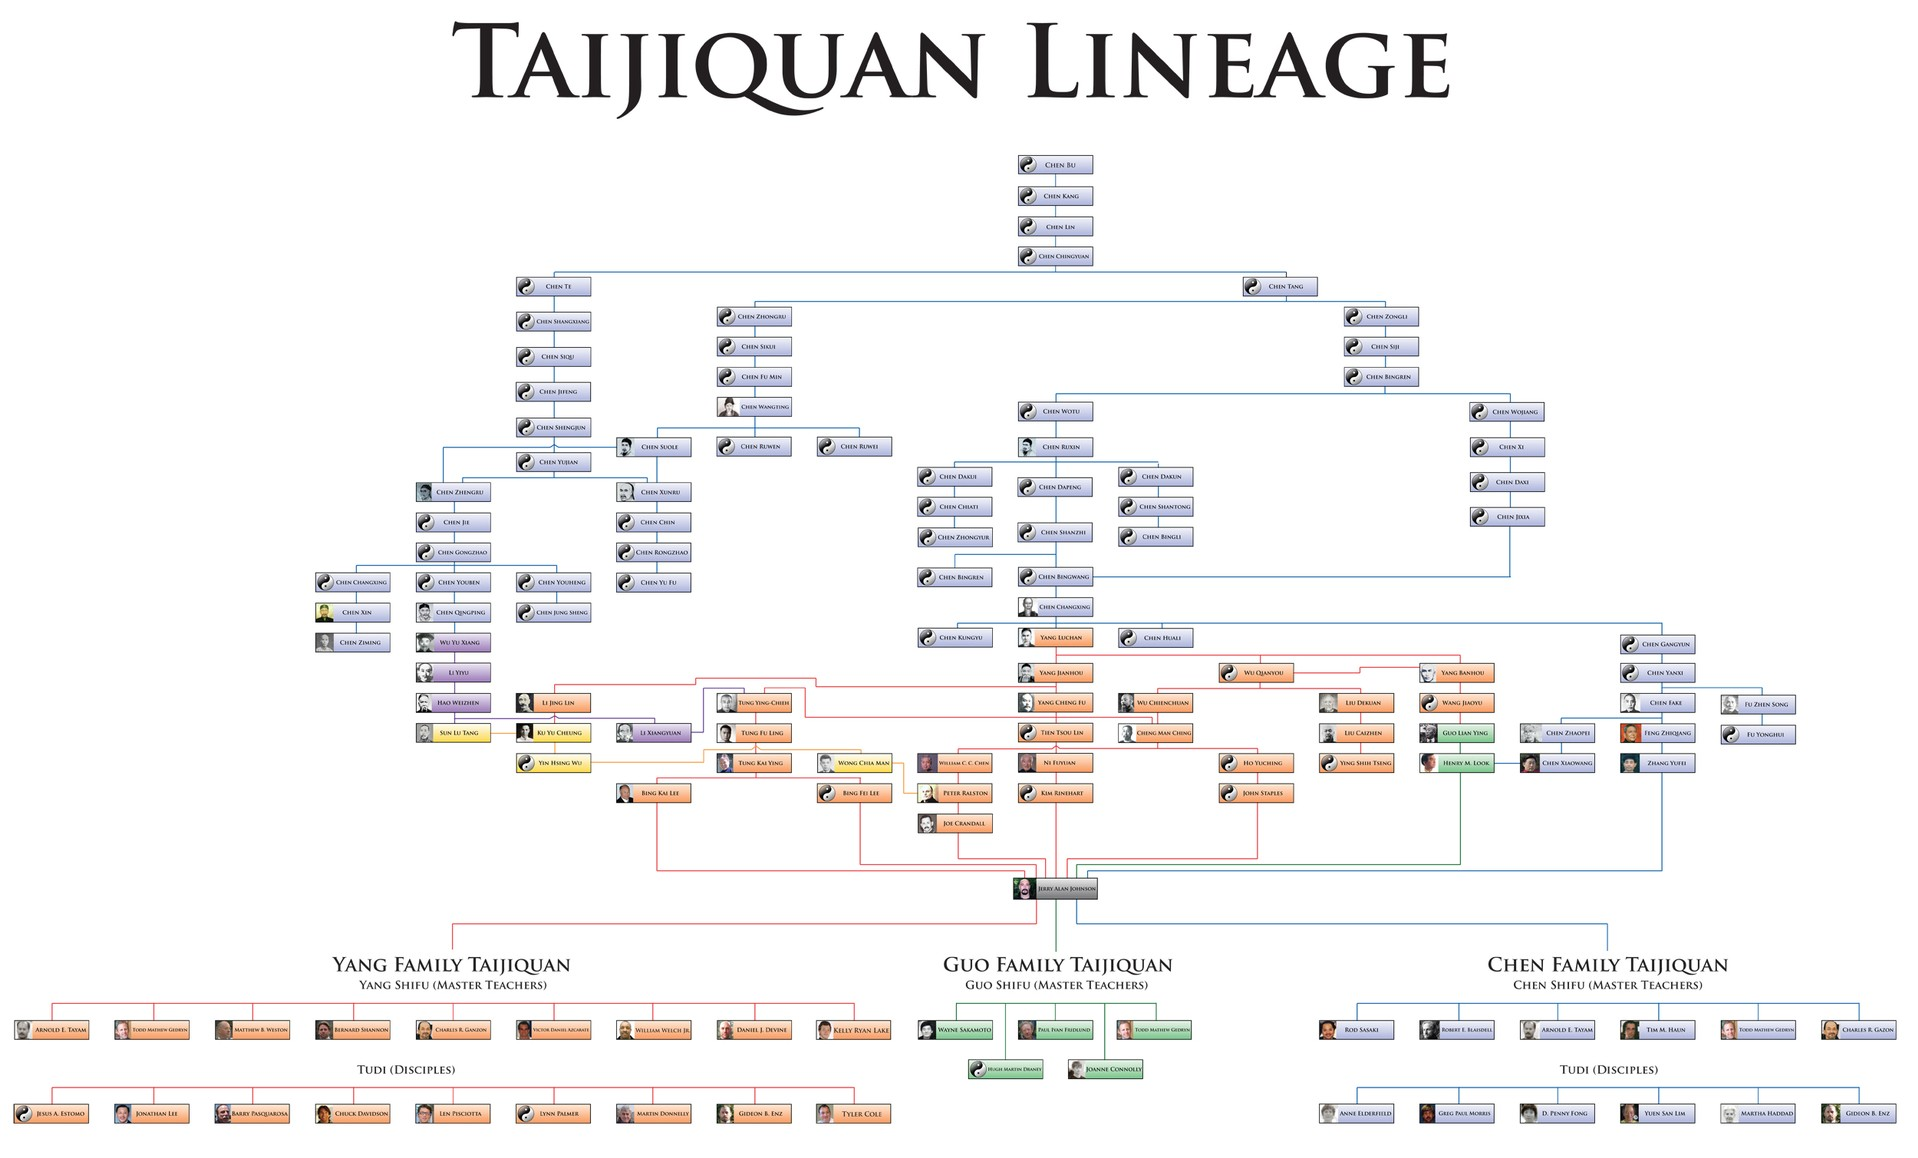 Resultado de imagen para martial arts lineages images